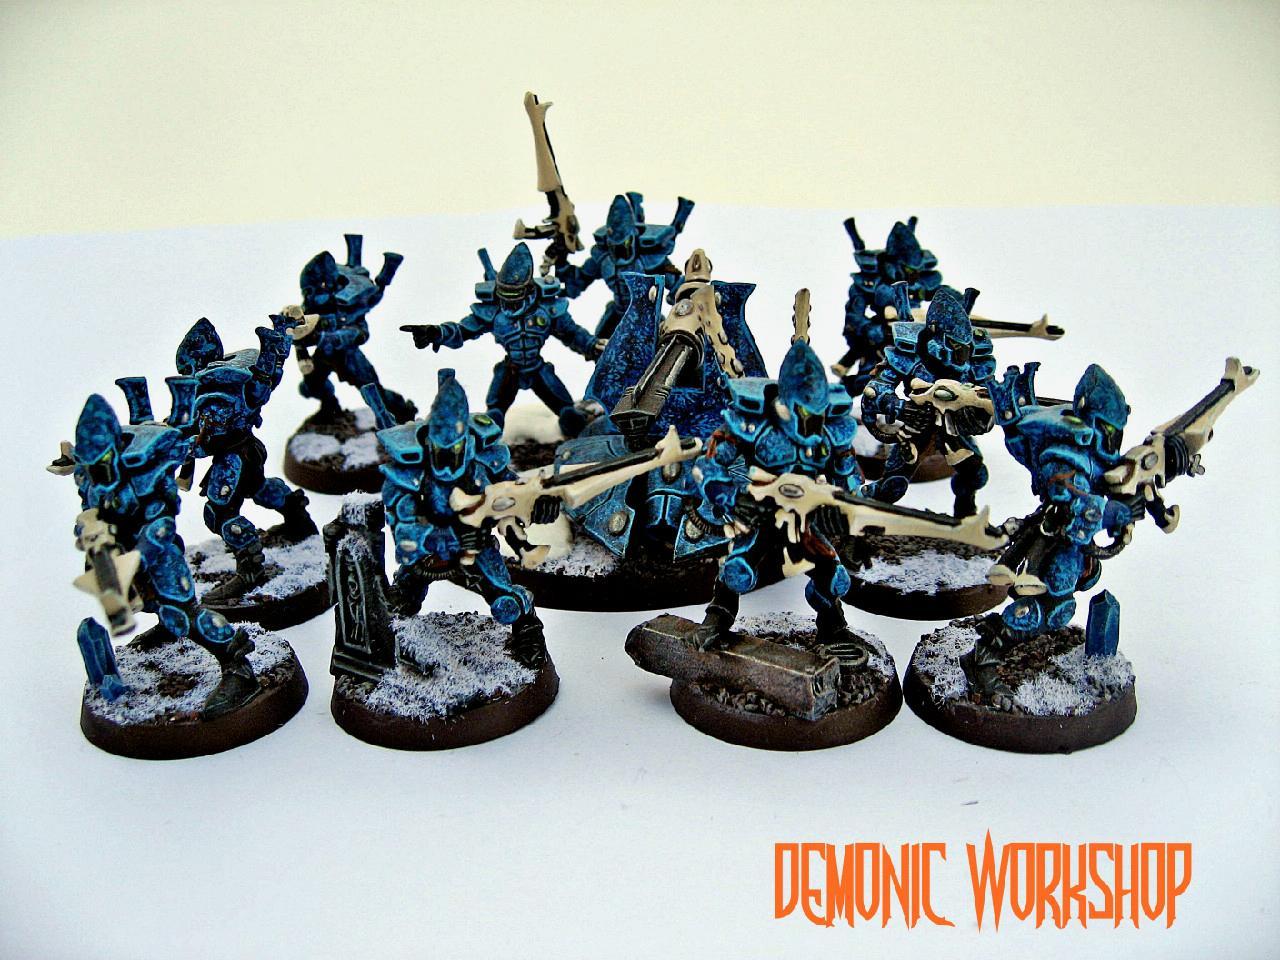 Demonic Workshop, Eldar, Guardians, Warhammer 40,000